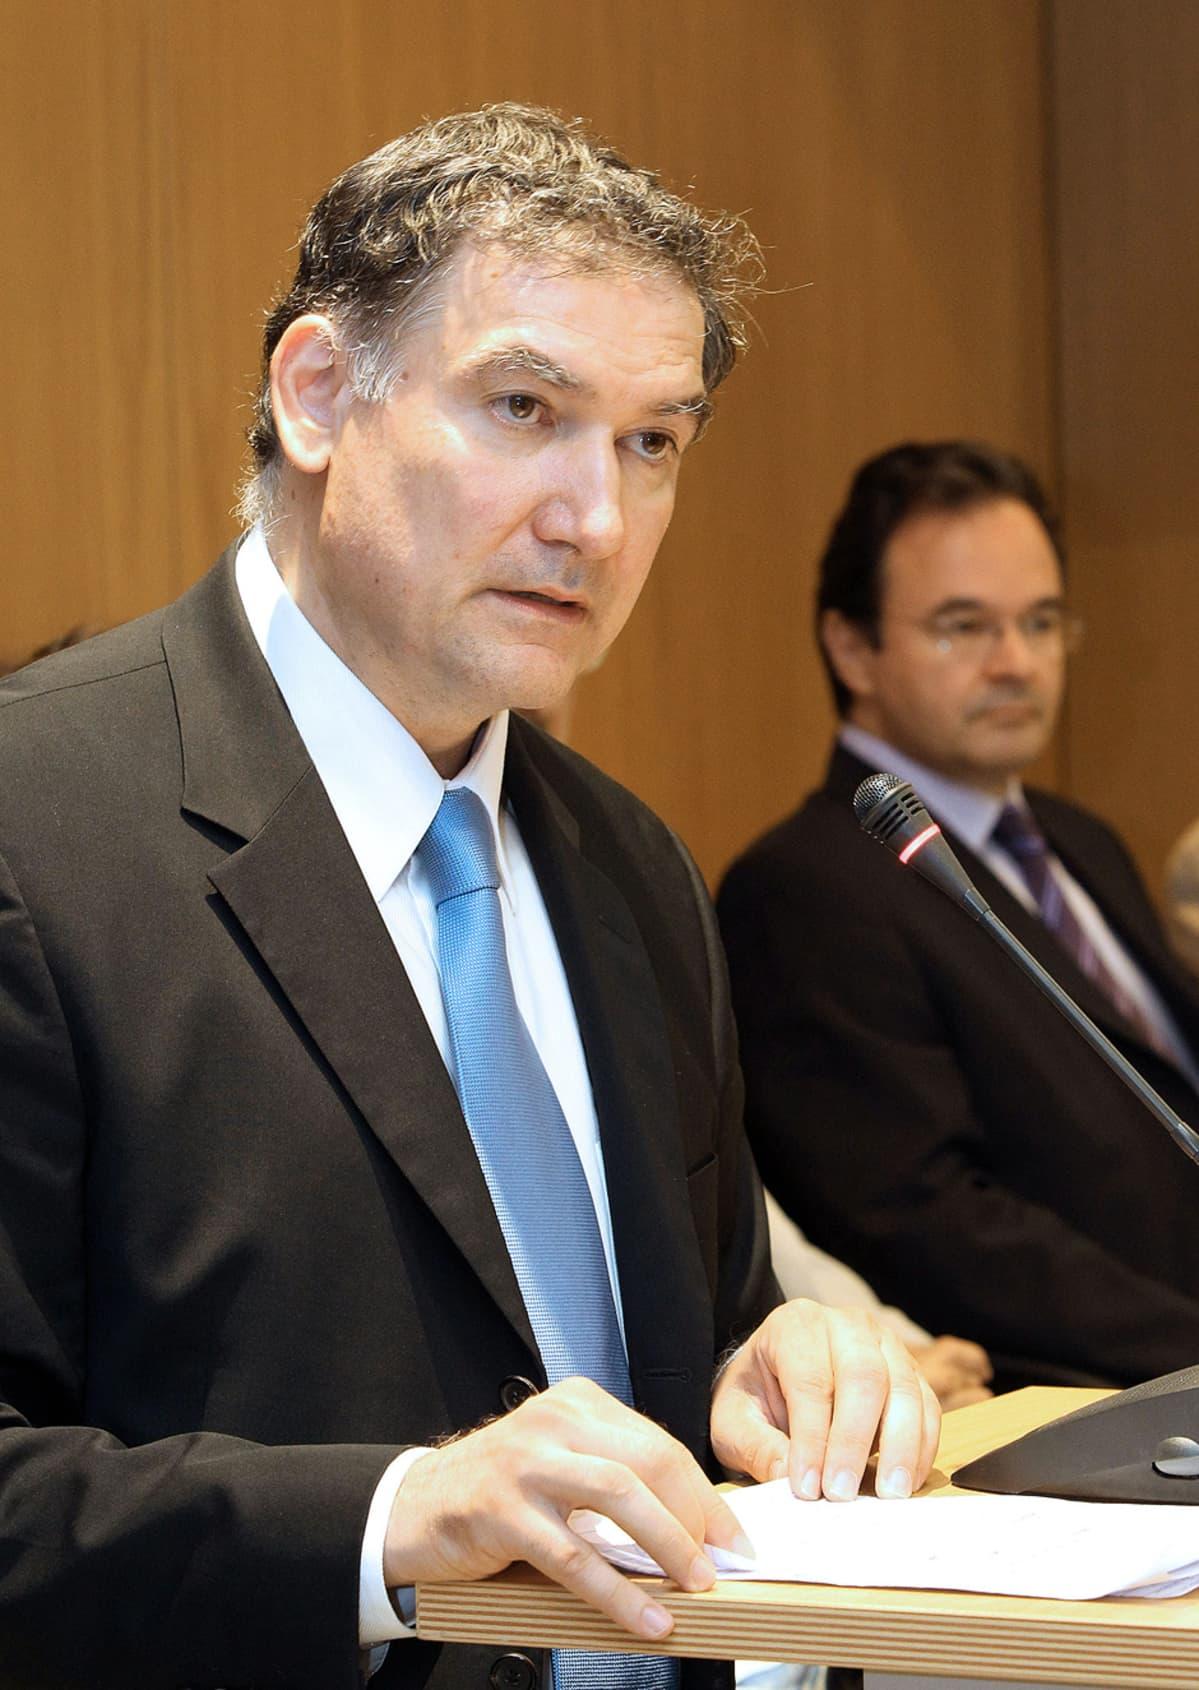 Kreikan tilastokeskuksen johtaja Andreas Georgiou puhuu toimittajille lehdistötilaisuudessa.